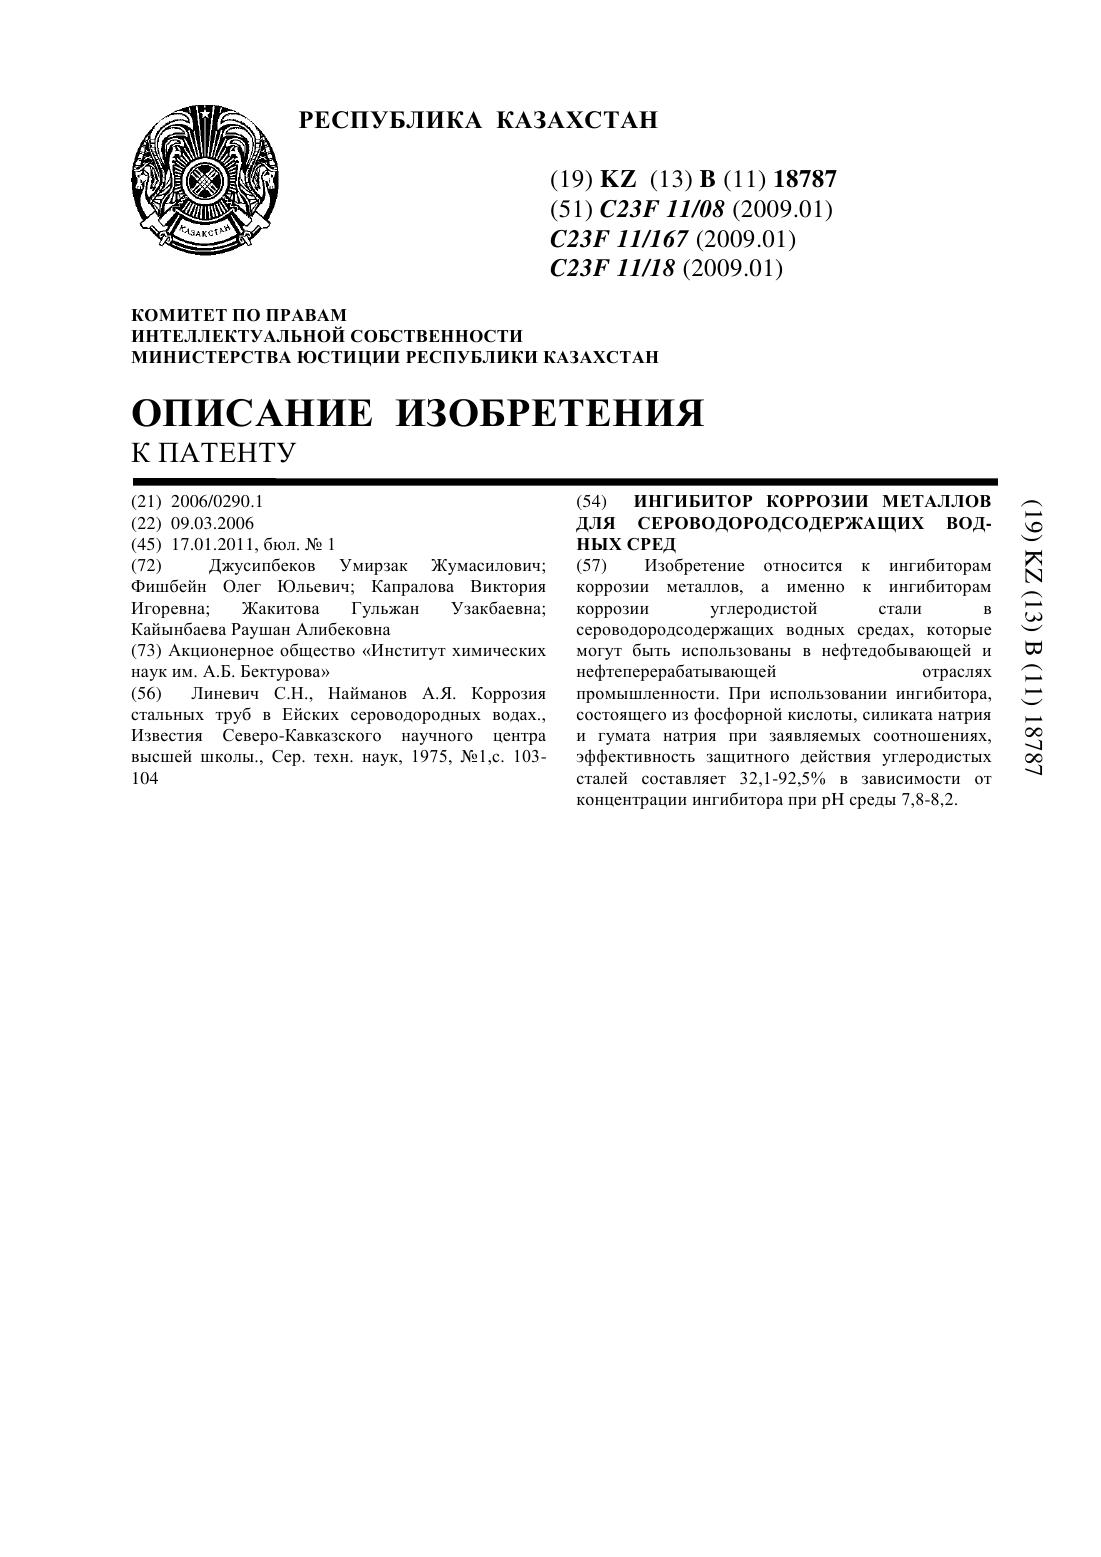 Дёмин Эдуард Александрович. подъема. устройство. 15.11.2011. Расторгуев Вл